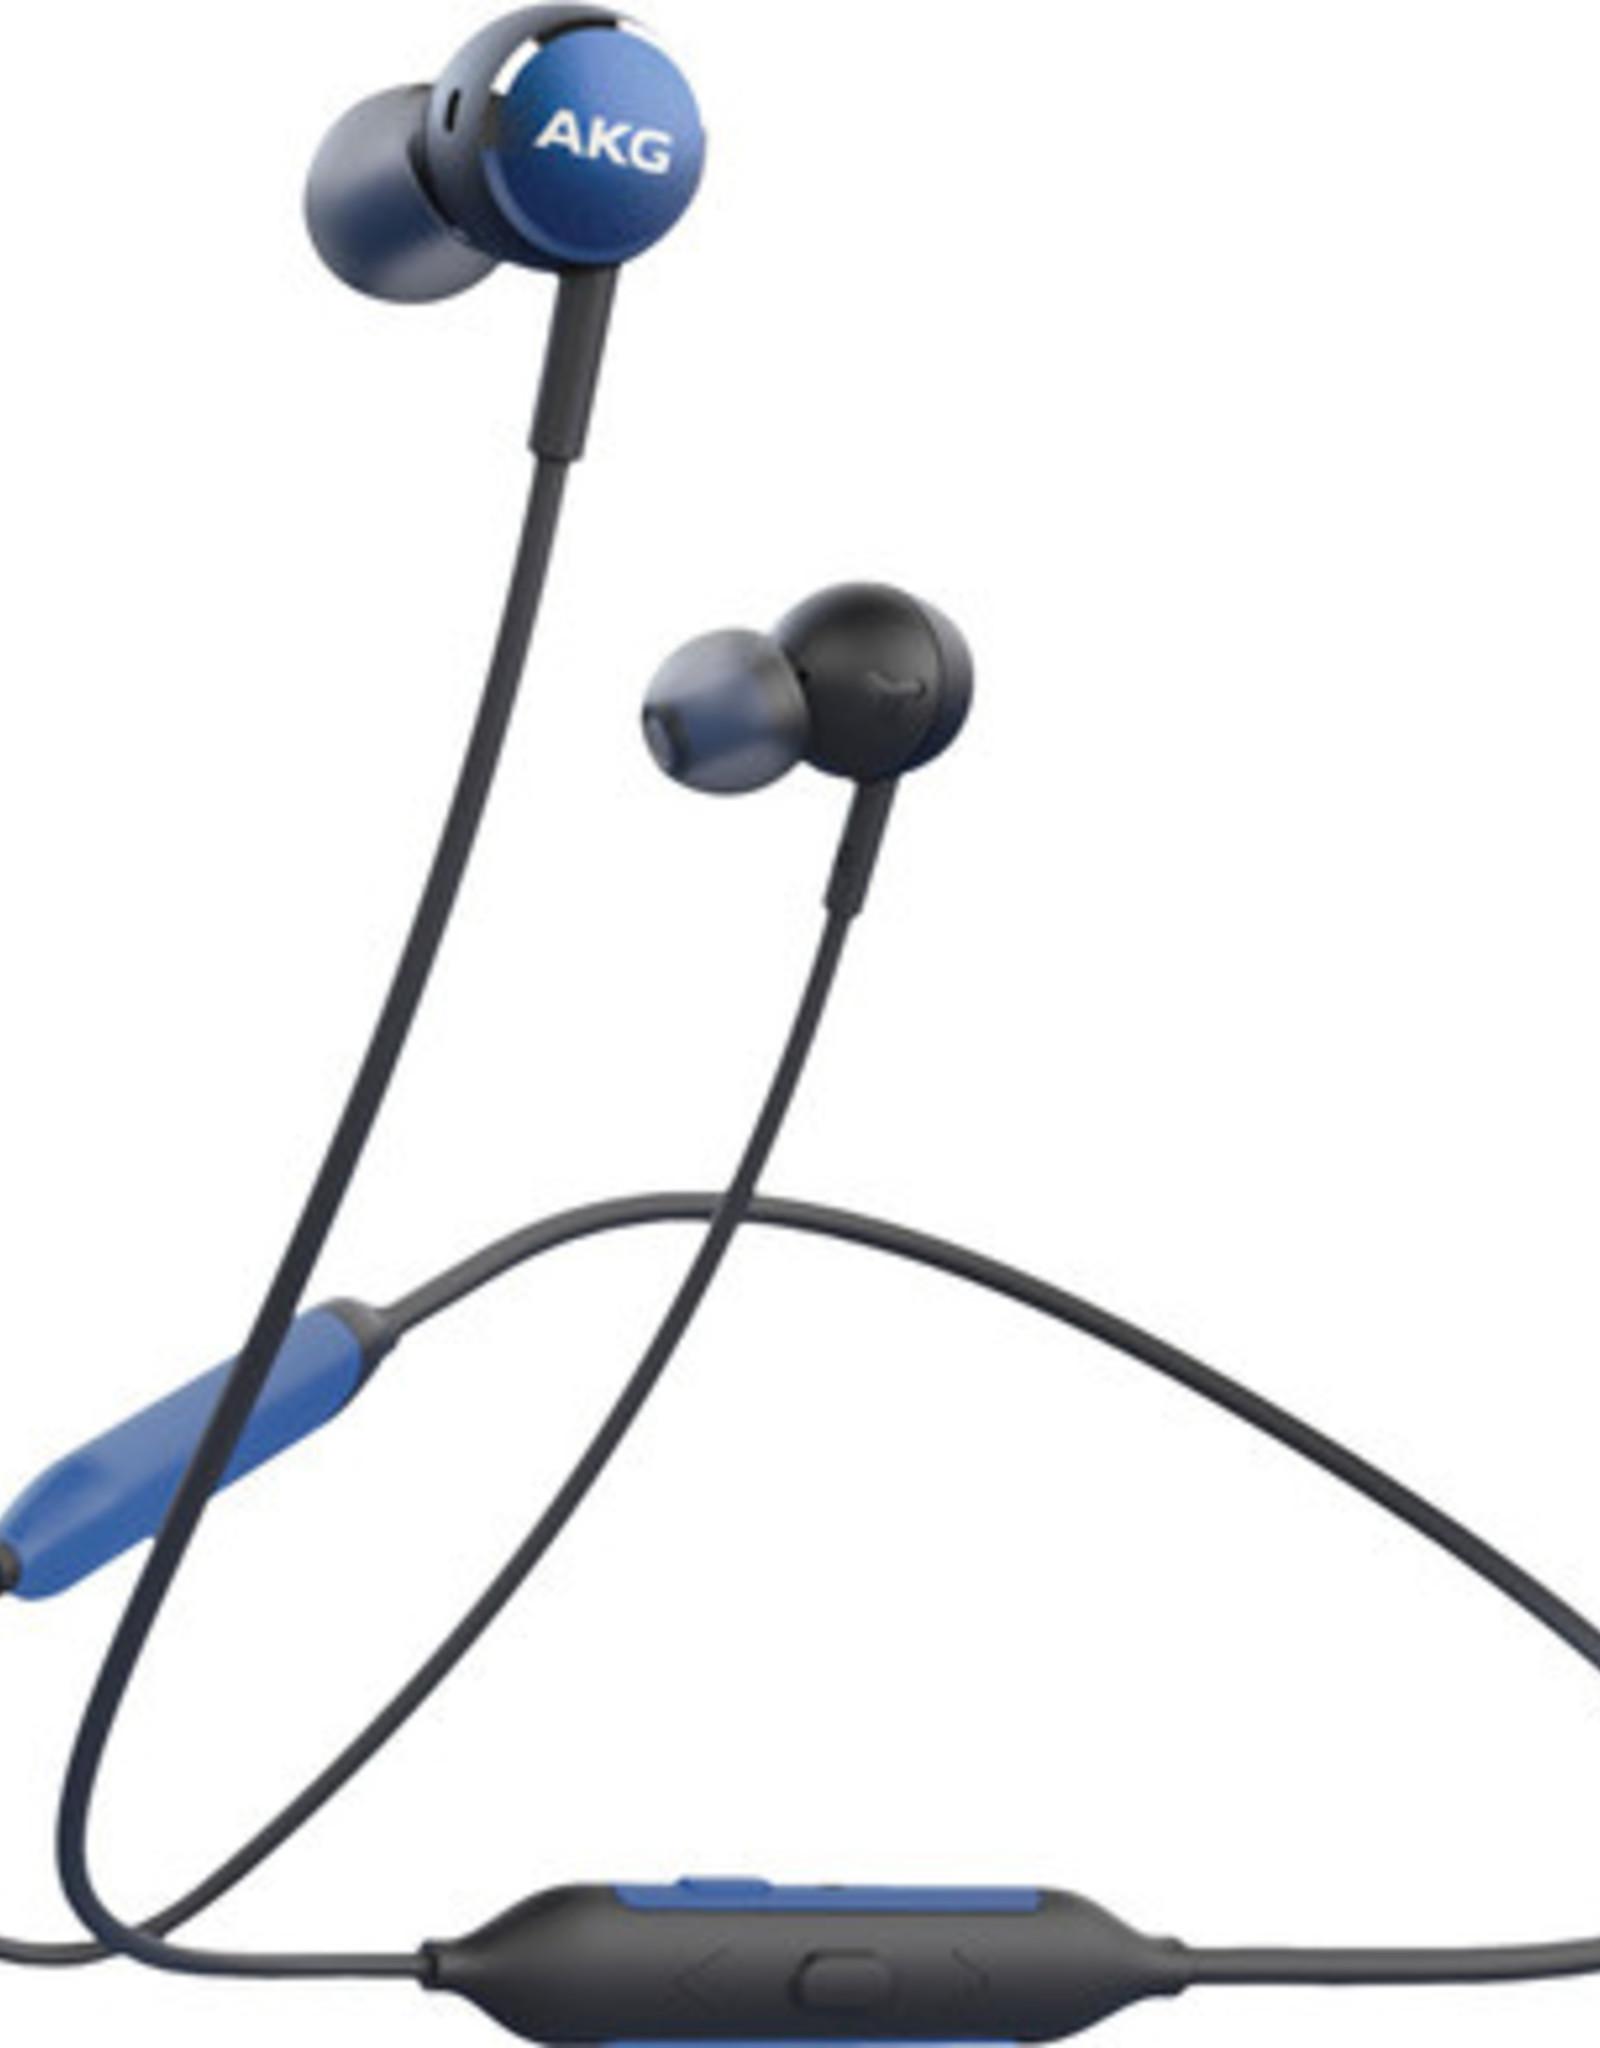 AKG AKG Y100 | Earphones with mic - in-ear - Bluetooth - wireless - Blue